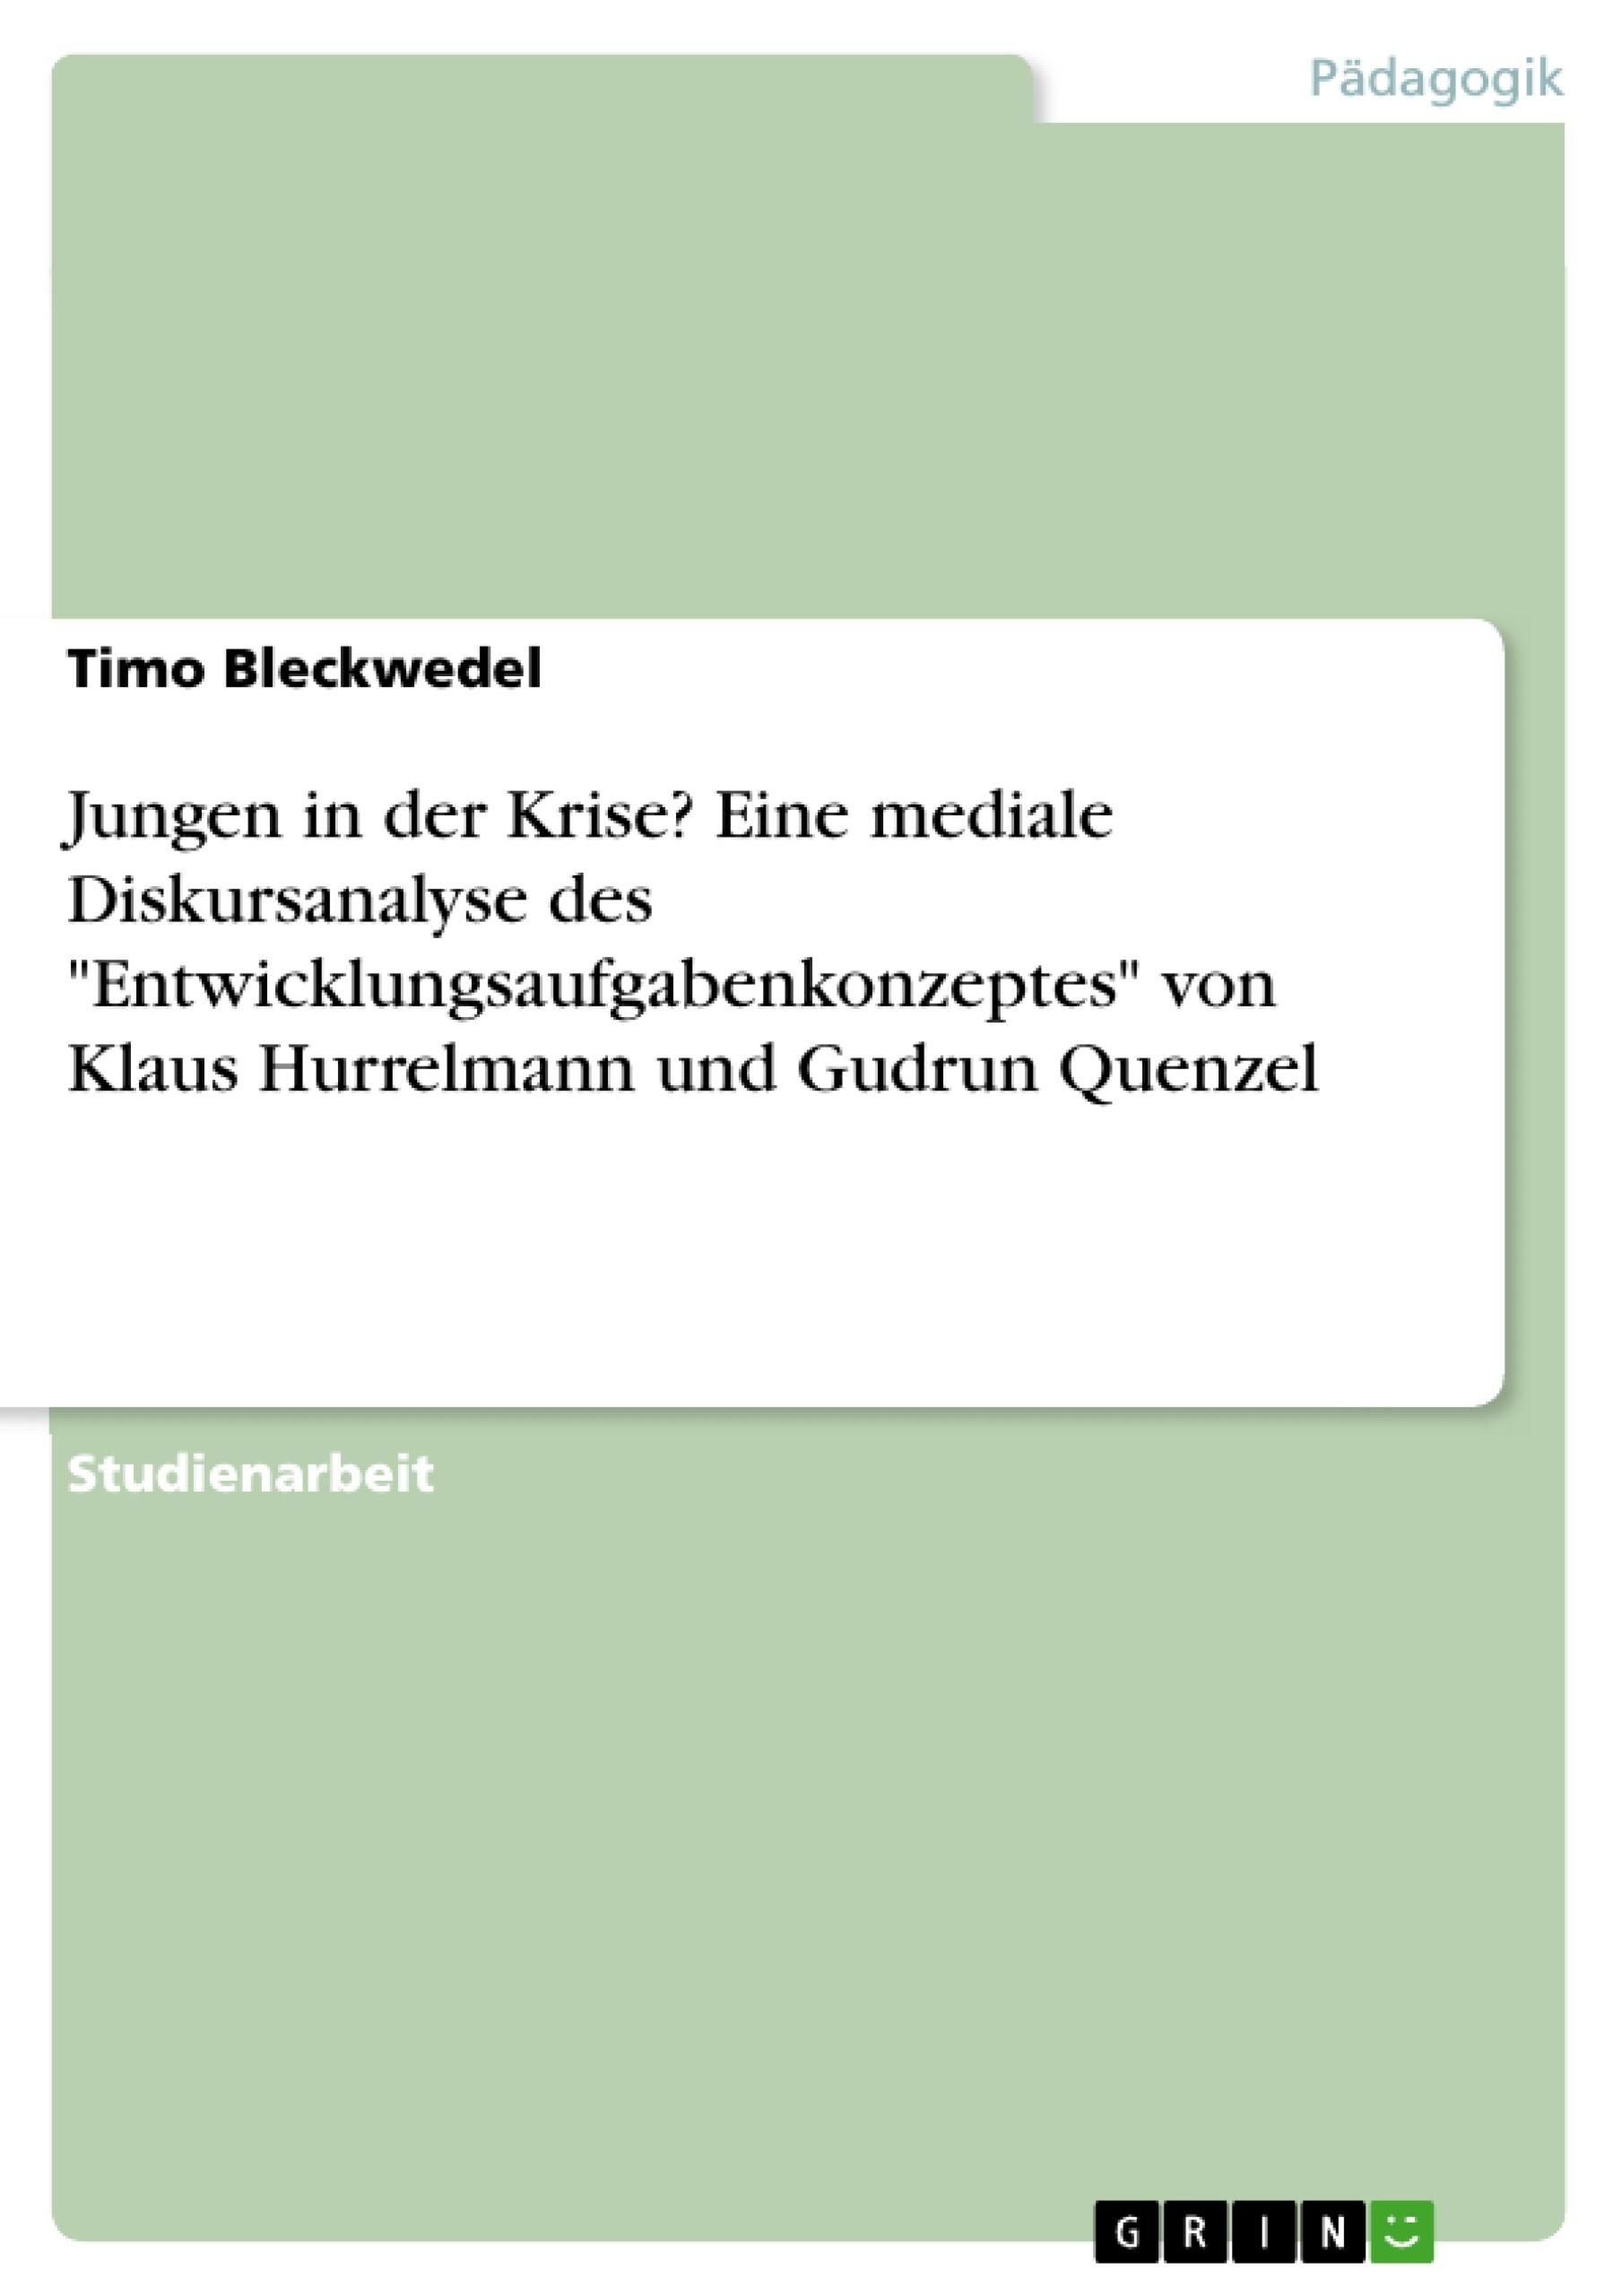 """Titel: Jungen in der Krise? Eine mediale Diskursanalyse des """"Entwicklungsaufgabenkonzeptes"""" von Klaus Hurrelmann und Gudrun Quenzel"""